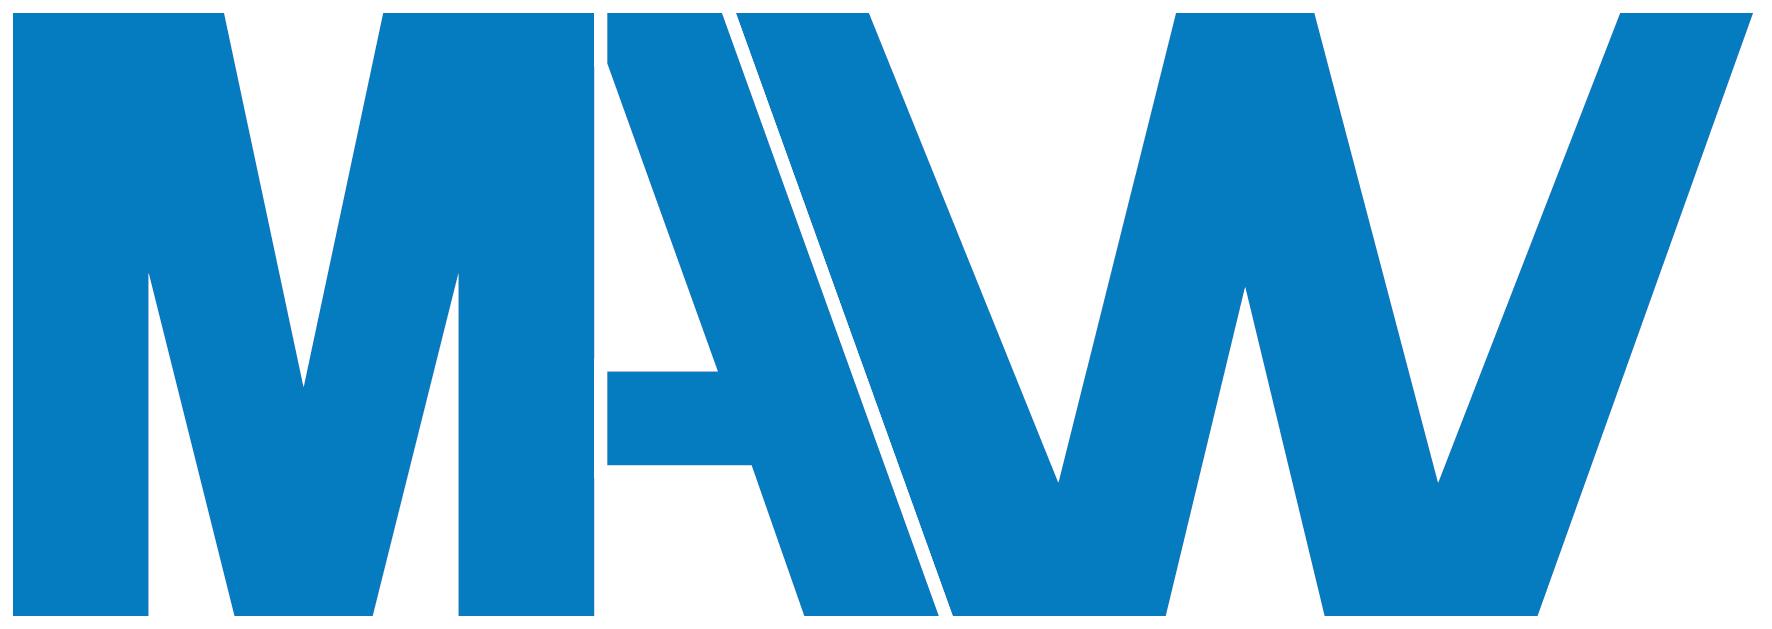 MAW Handels KG | Ihr Fachmann für MLW Beschläge und Wörmann Anhänger in Diersbach Oberösterreich. Service und Qualität. Beschläge, PKW-Anhänger, Pferdeanhänger, Einachsanhänger